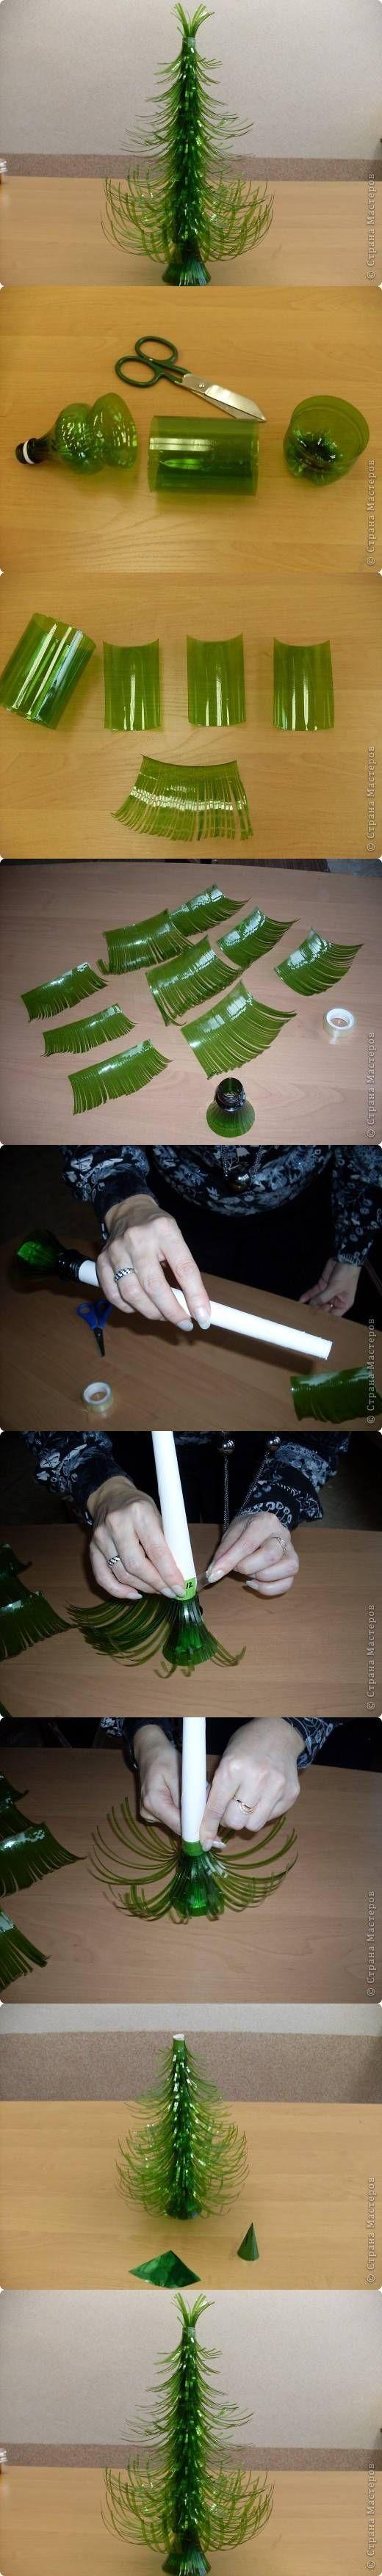 Как с пластиковых бутылок сделать новогоднюю игрушку